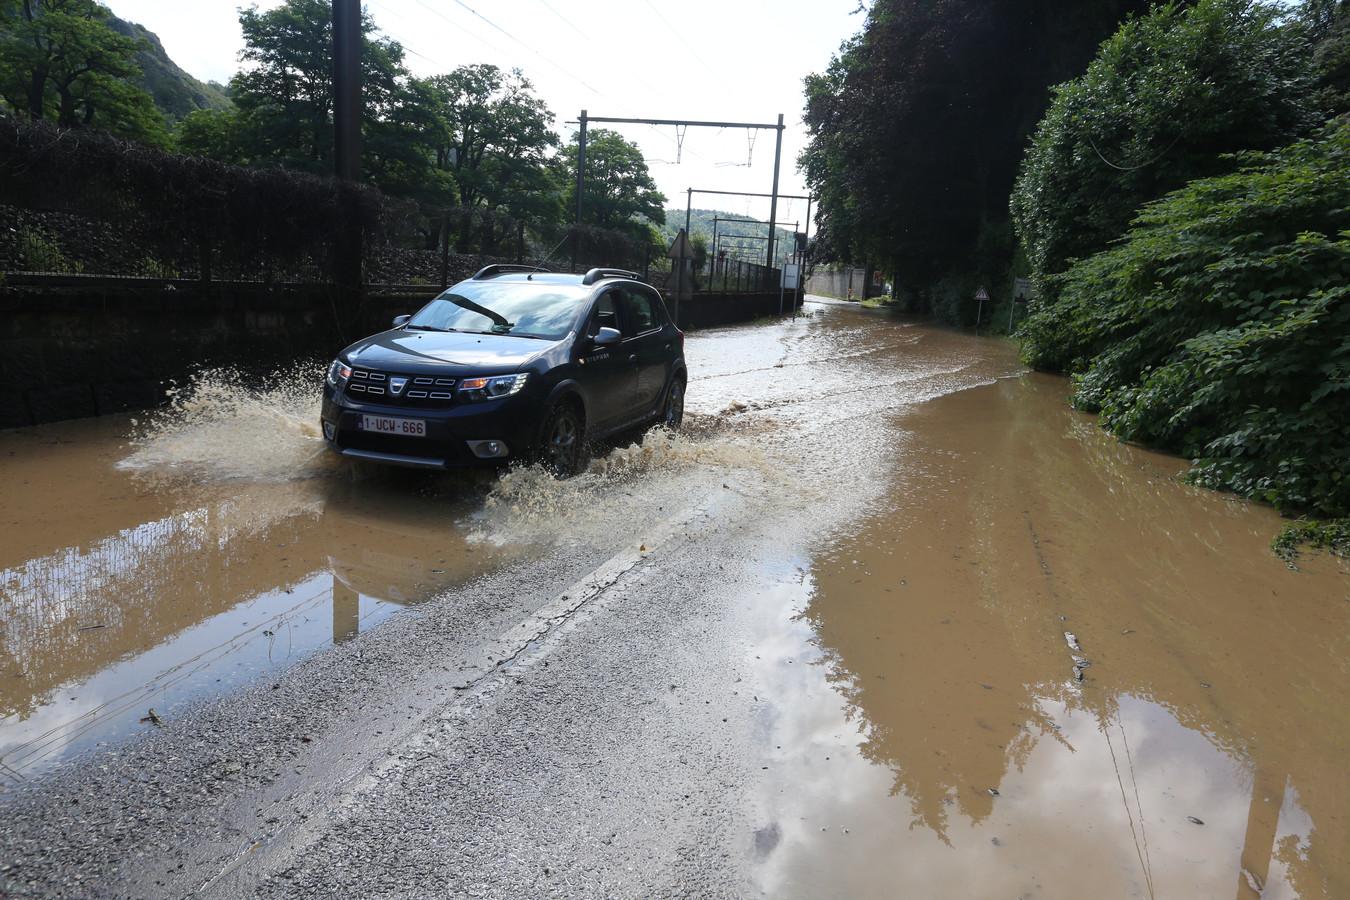 Inondations à Bouvignes-sur-Meuse (Dinant)